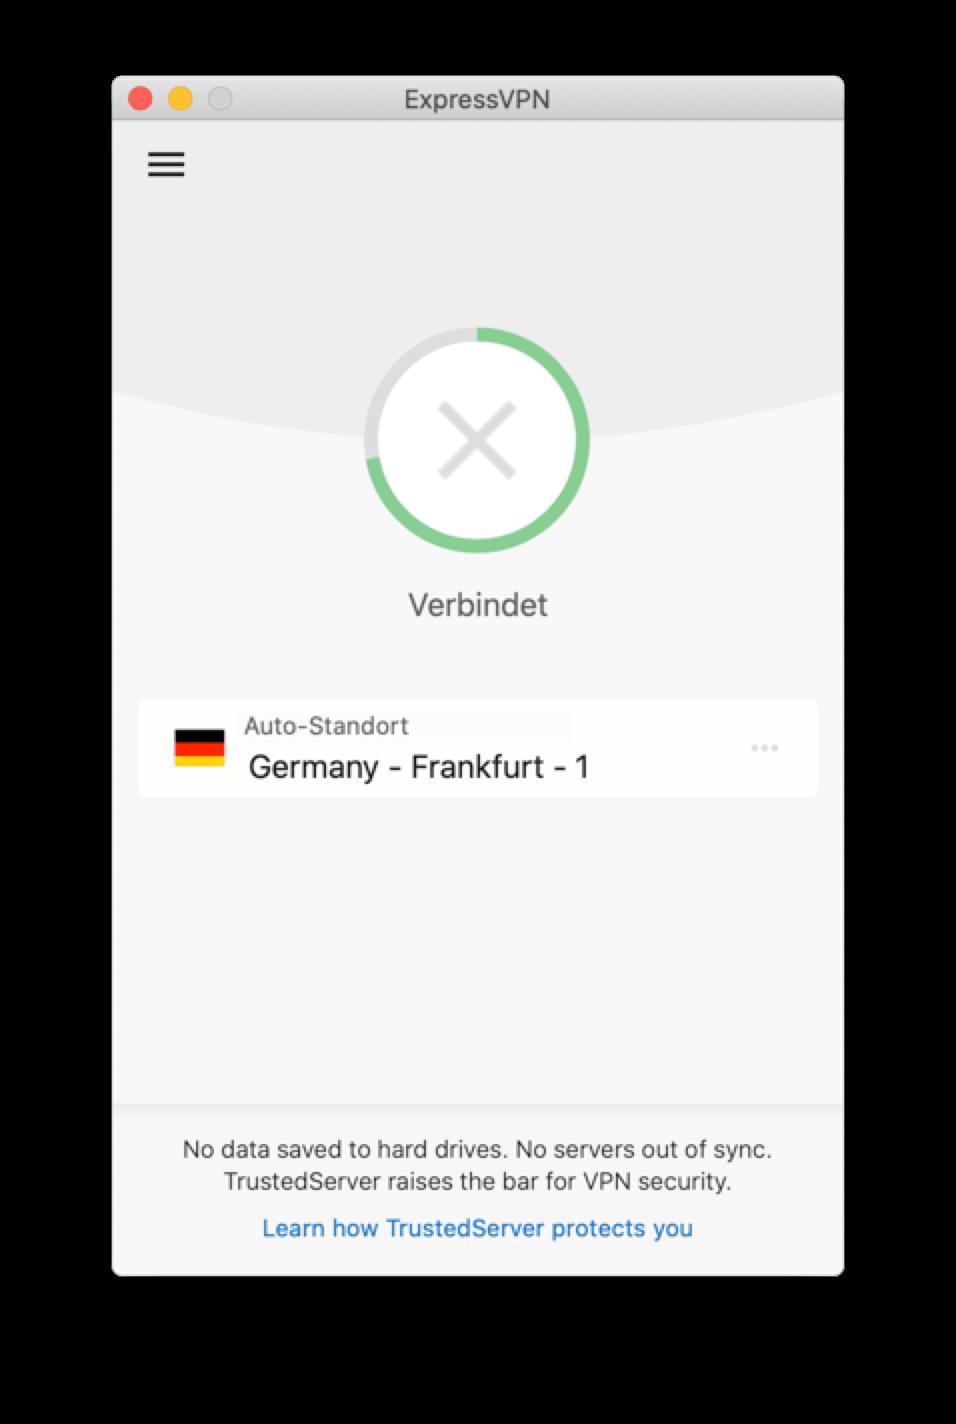 Die ExpressVPN-App bleibt beim Versuch, eine Verbindung herzustellen, stecken.